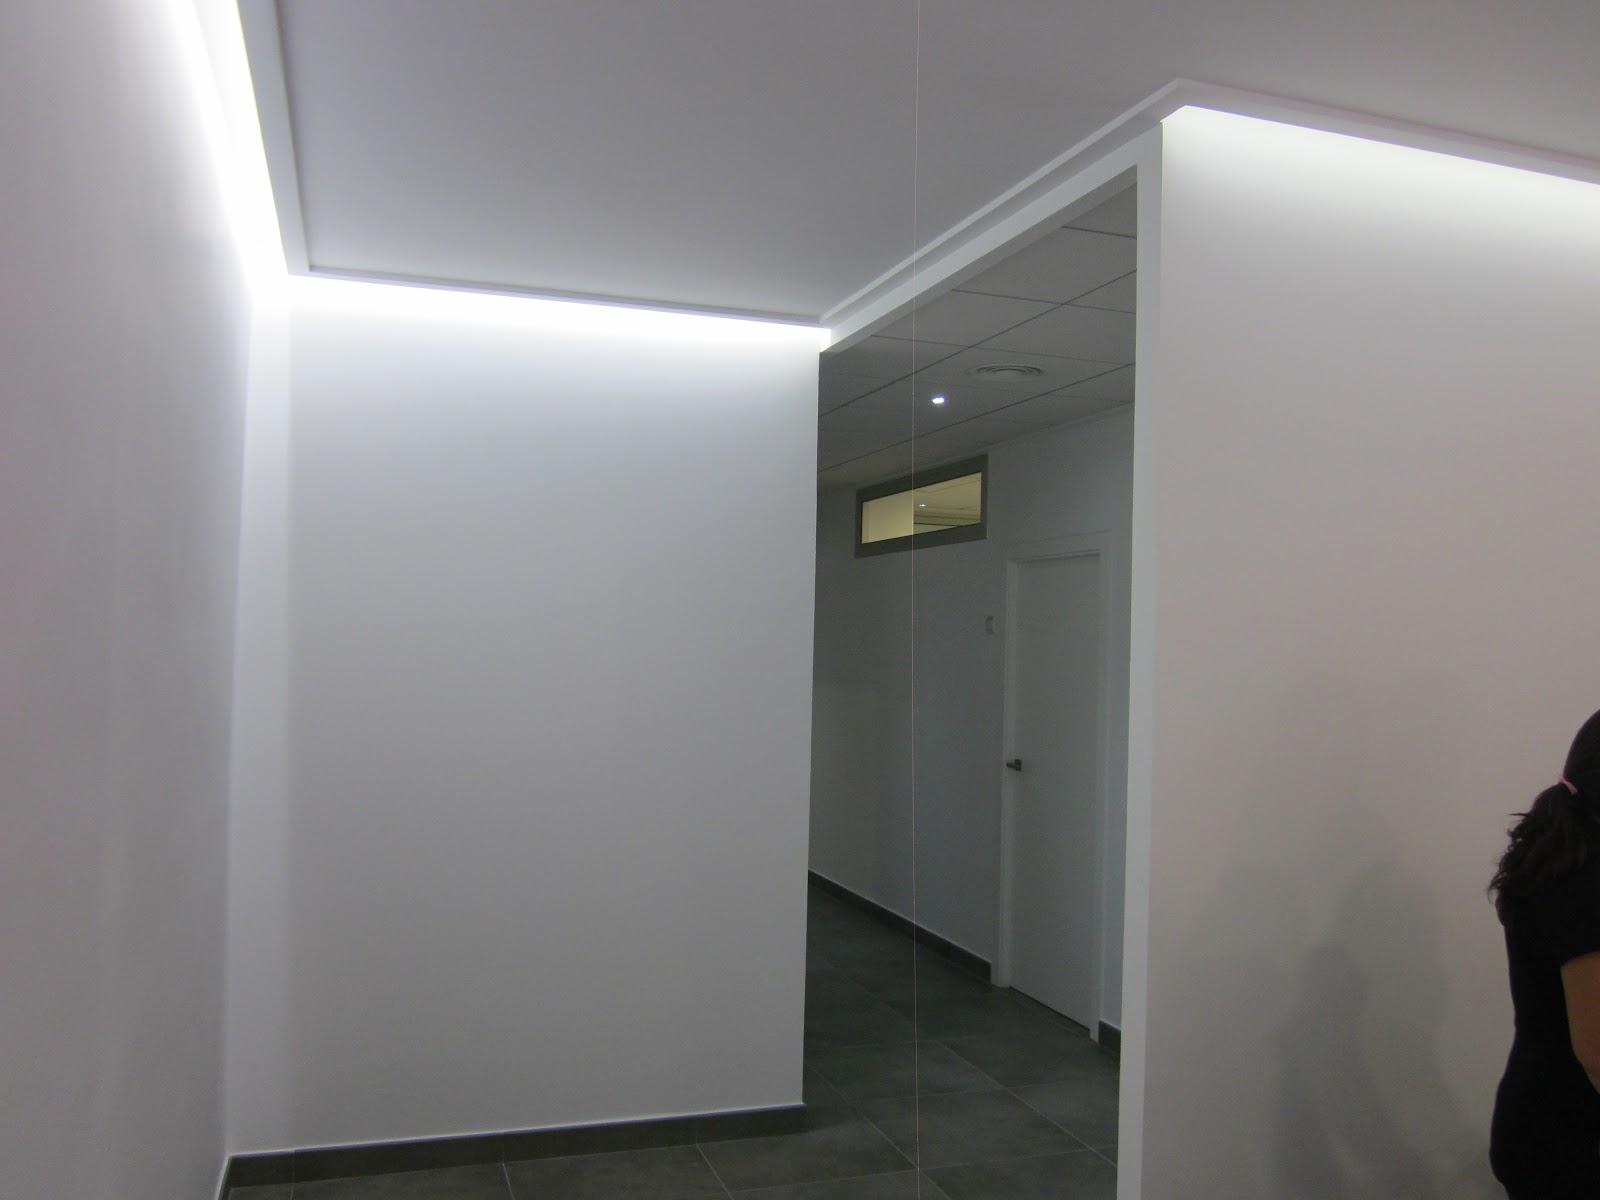 Habitania construcciones y reformas iluminaci n - Luz indirecta escayola ...